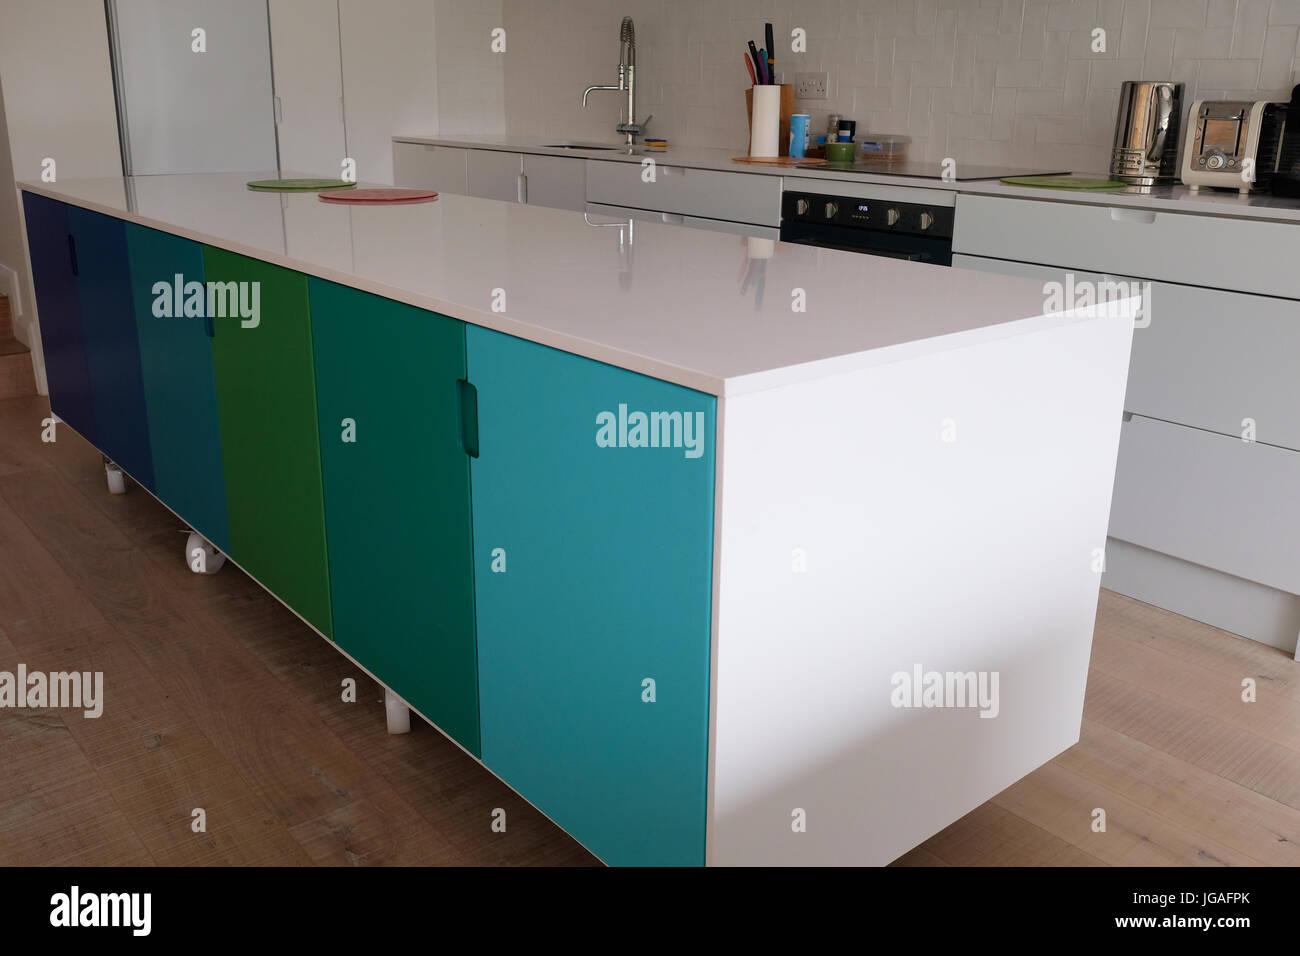 Bewegliche Kücheninsel auf Lenkrollen Stockfoto, Bild: 147749355 - Alamy